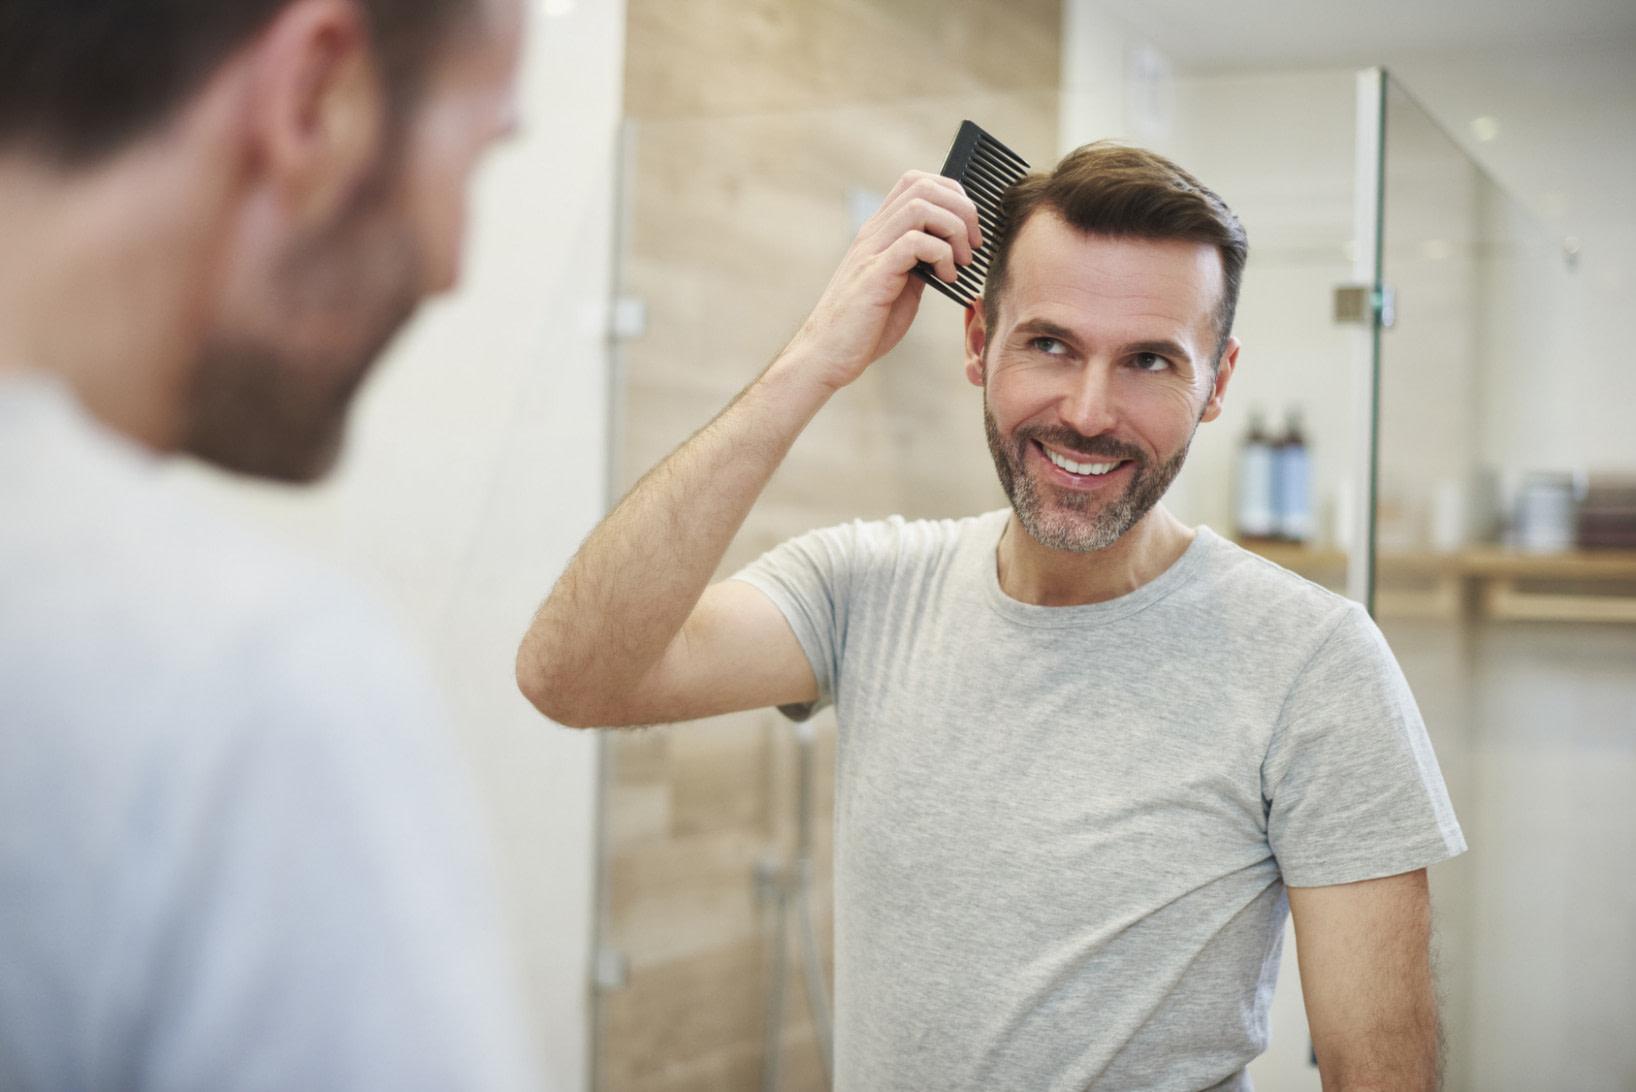 Frisuren Bei Haarausfall Für Männer Und Frauen  Haarzentrum An  - Frisur Hinterkopf Mann